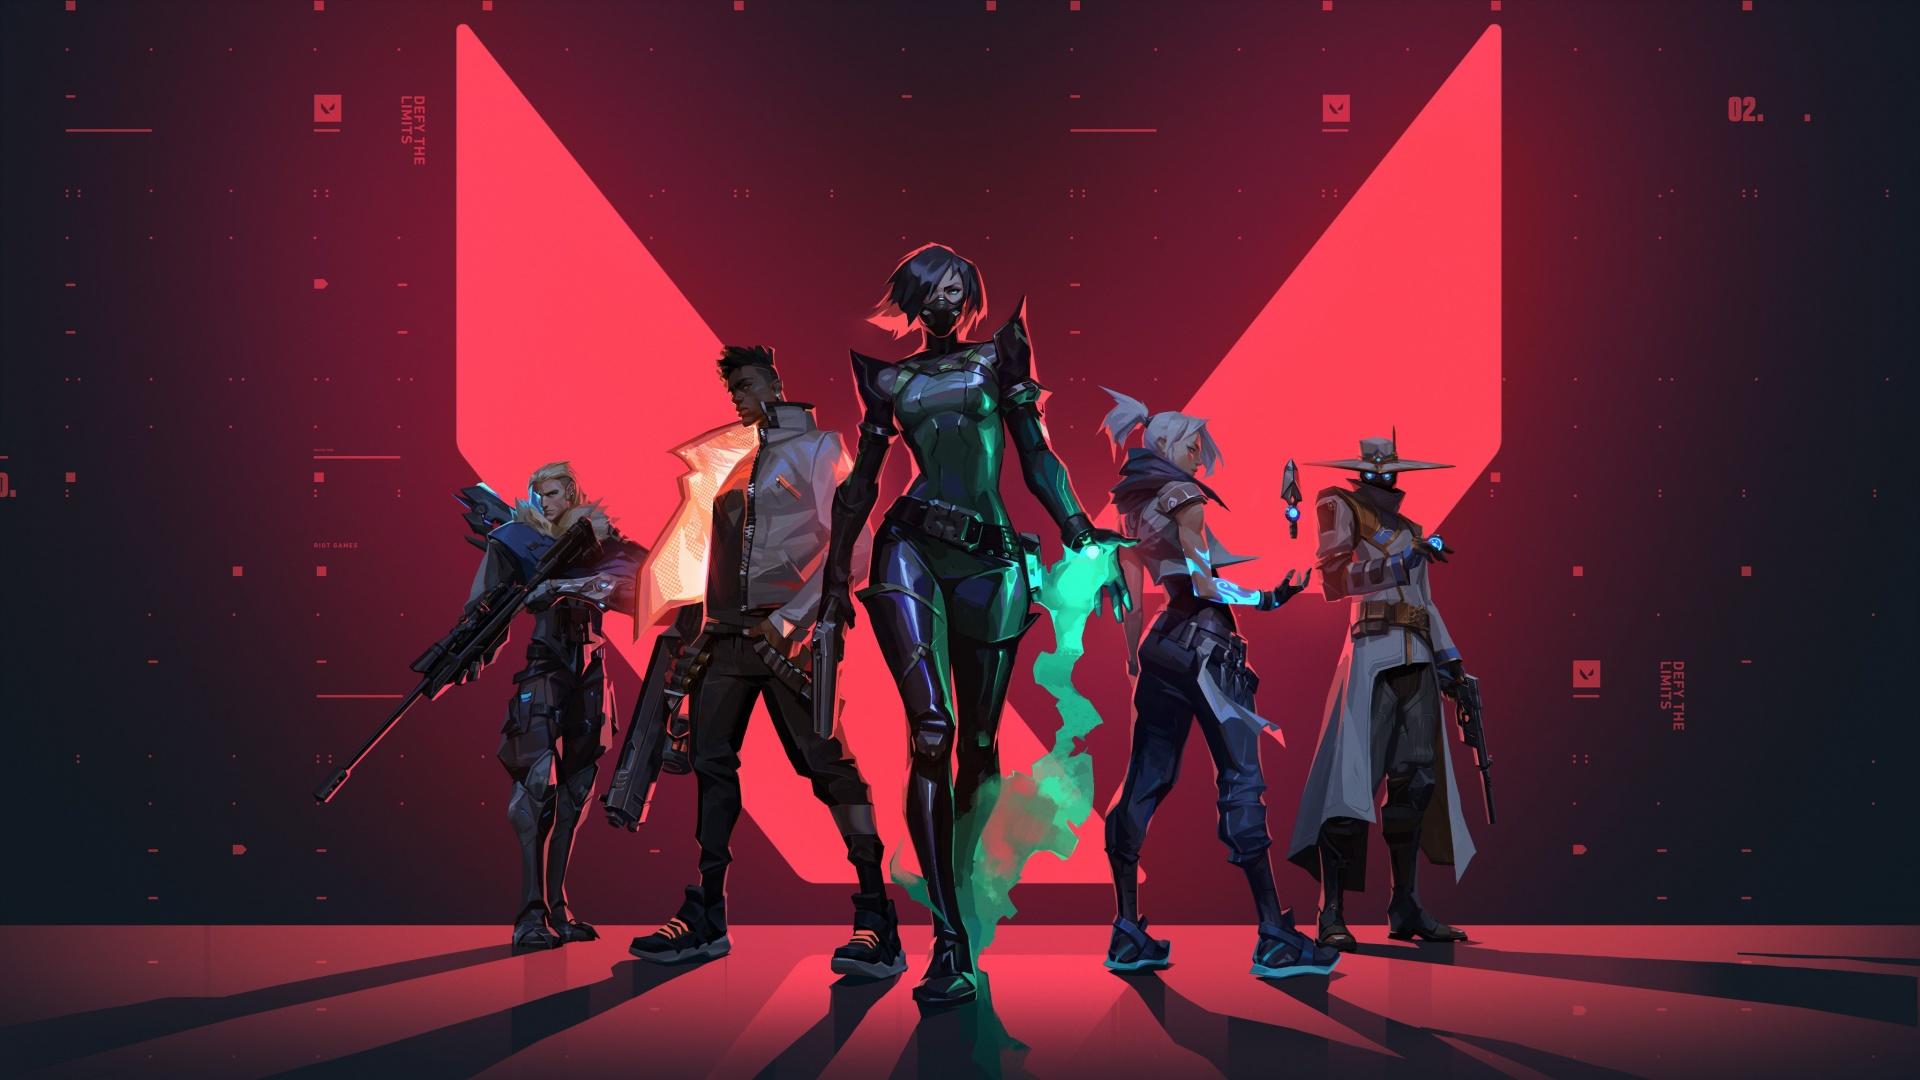 Публичное тестирование шутера Valorant от Riot Games начнётся7 апреля